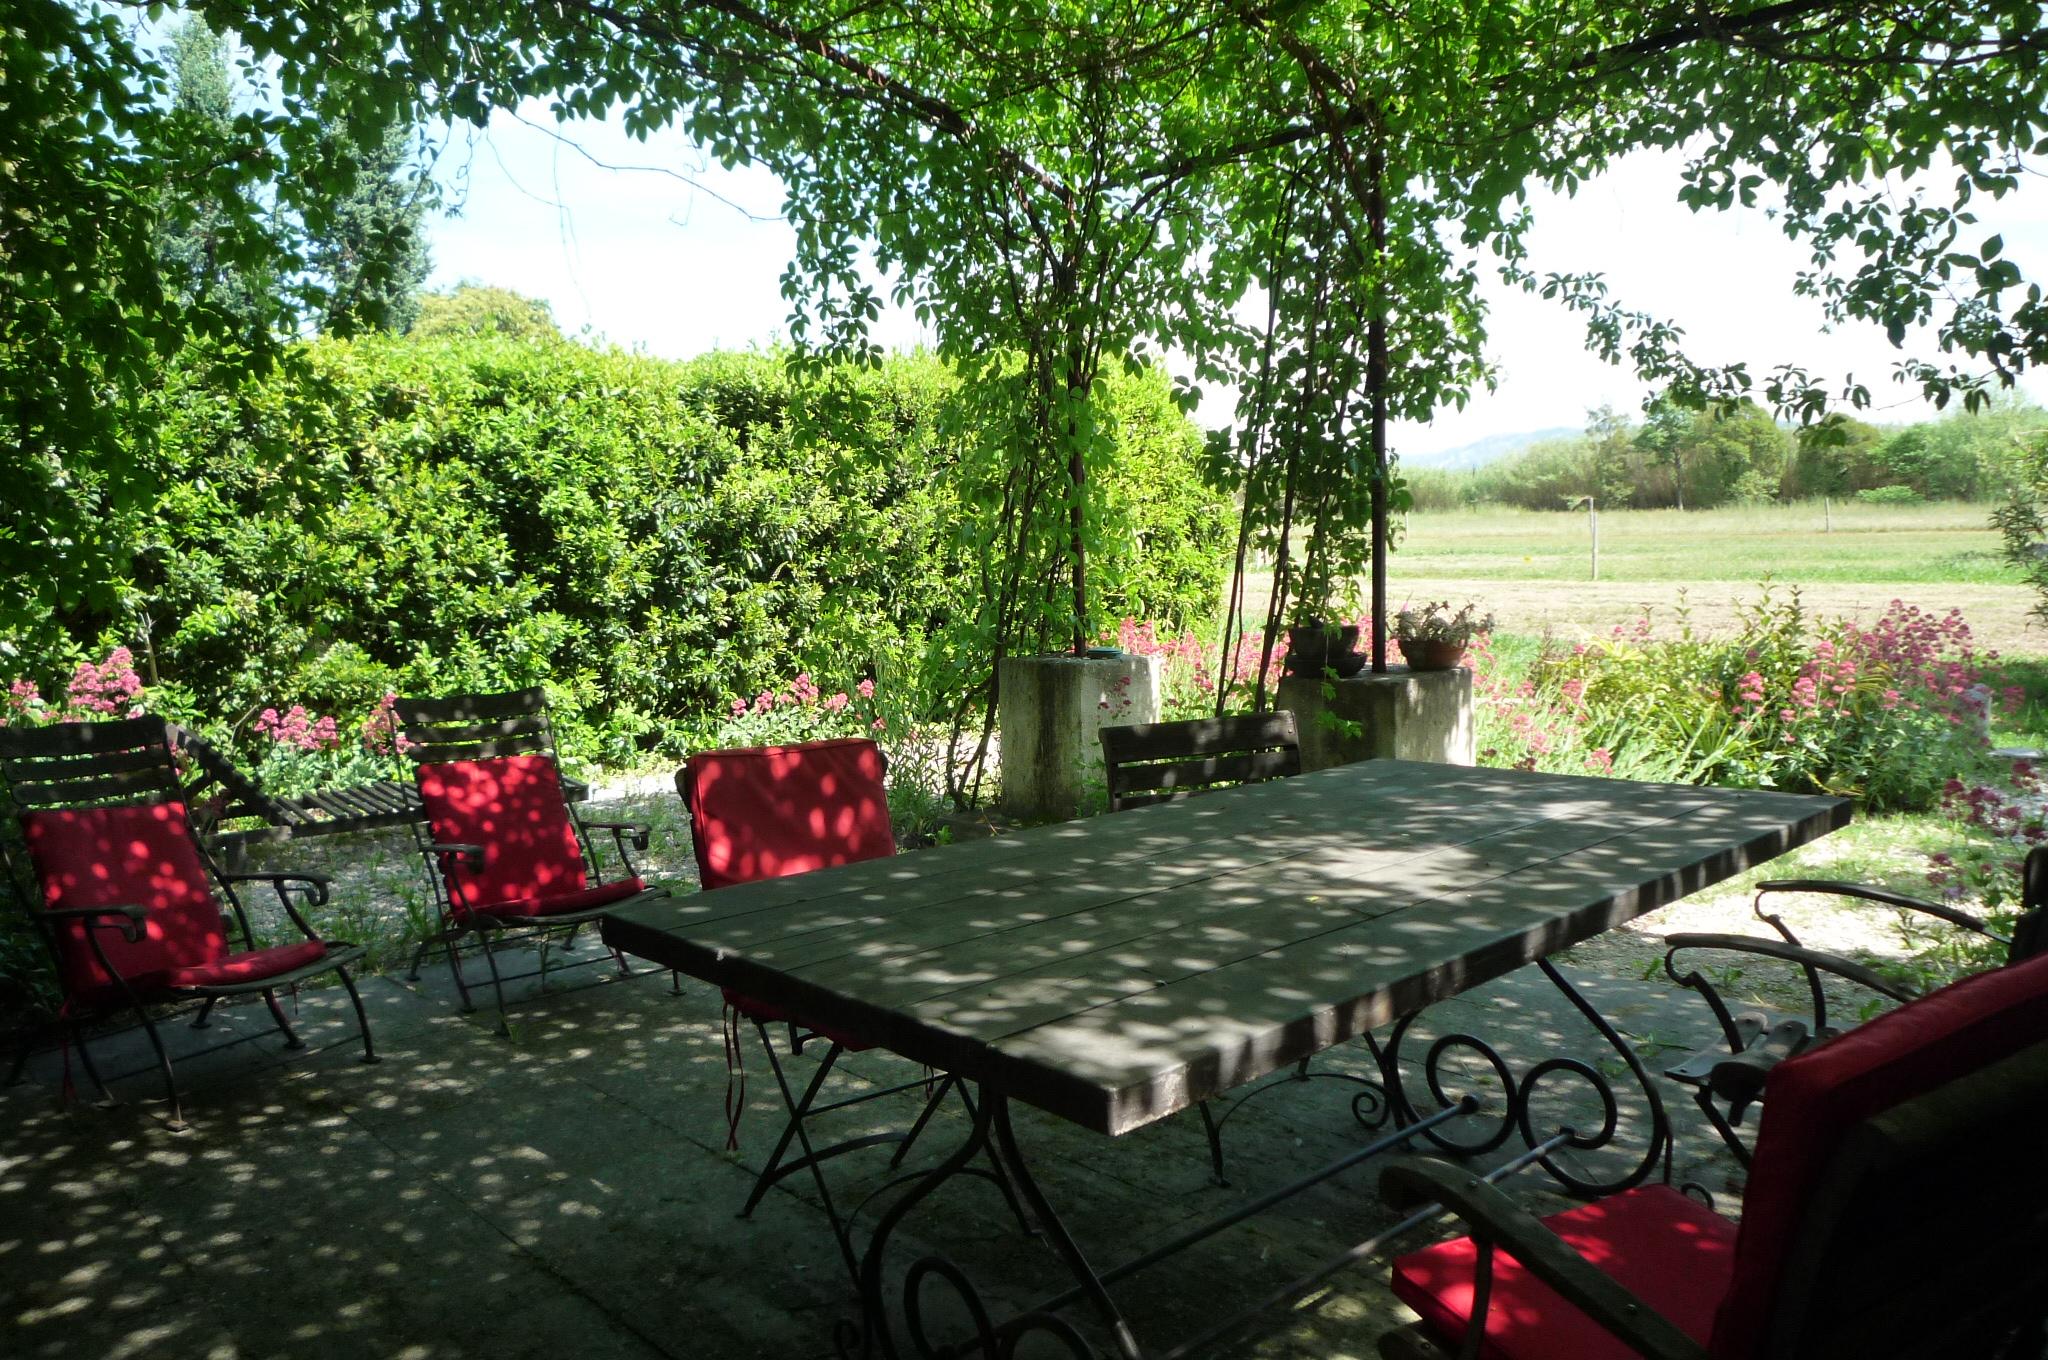 la table de jardin sous la tonnelle cottage bed and breakfast in saint r my de provence france. Black Bedroom Furniture Sets. Home Design Ideas